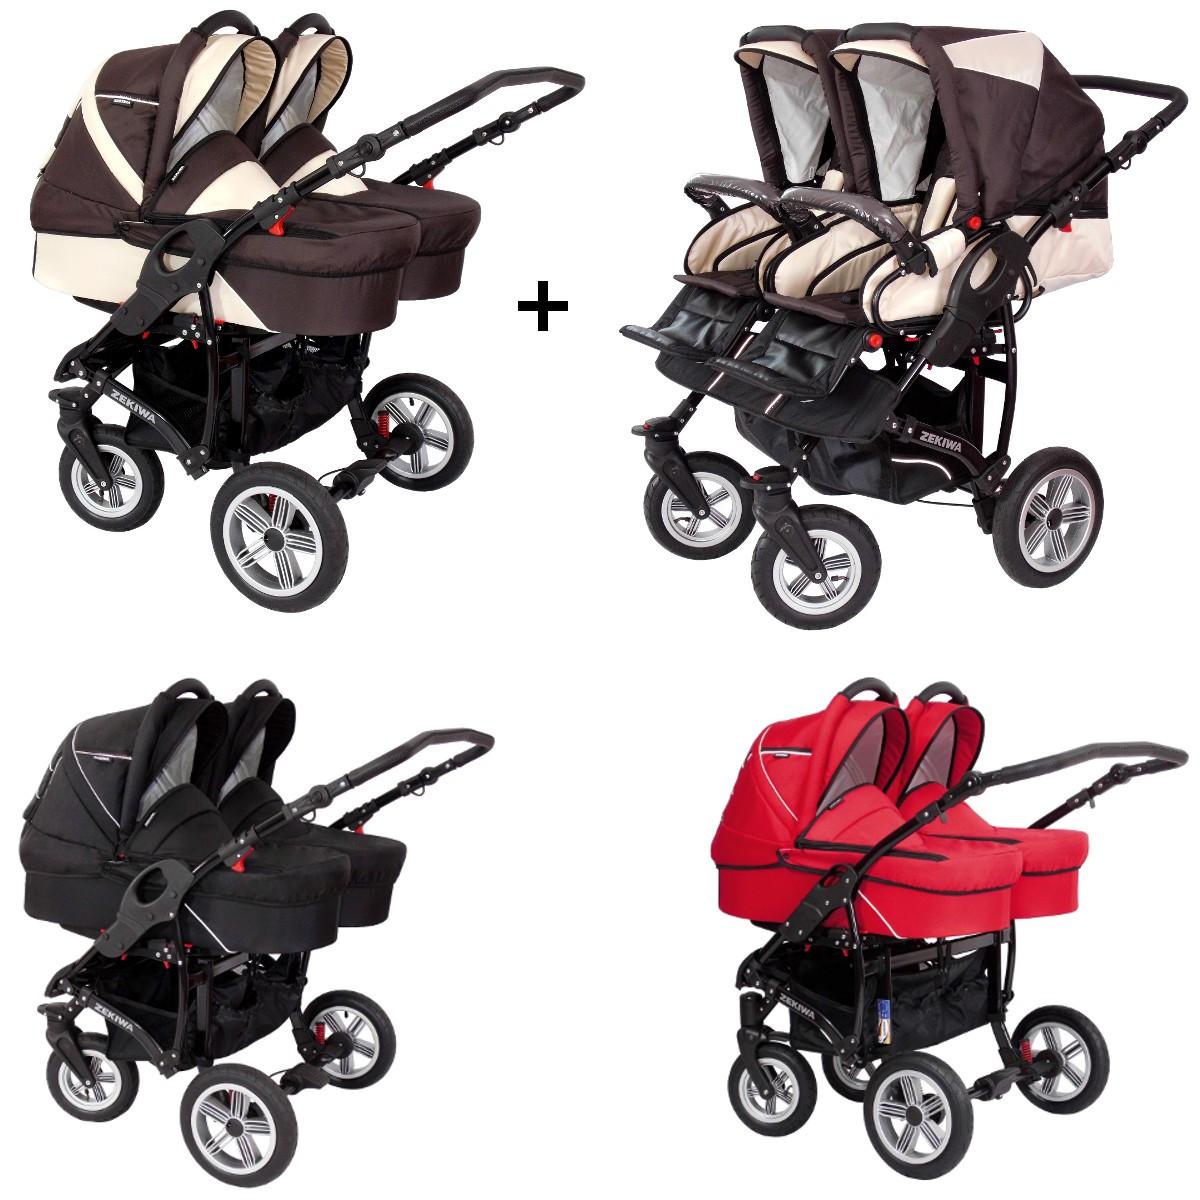 Zwillingskinderwagen mit babyschale  Kinderwagen Mehrlingswagen Zwillingswagen Zwillingskinderwagen